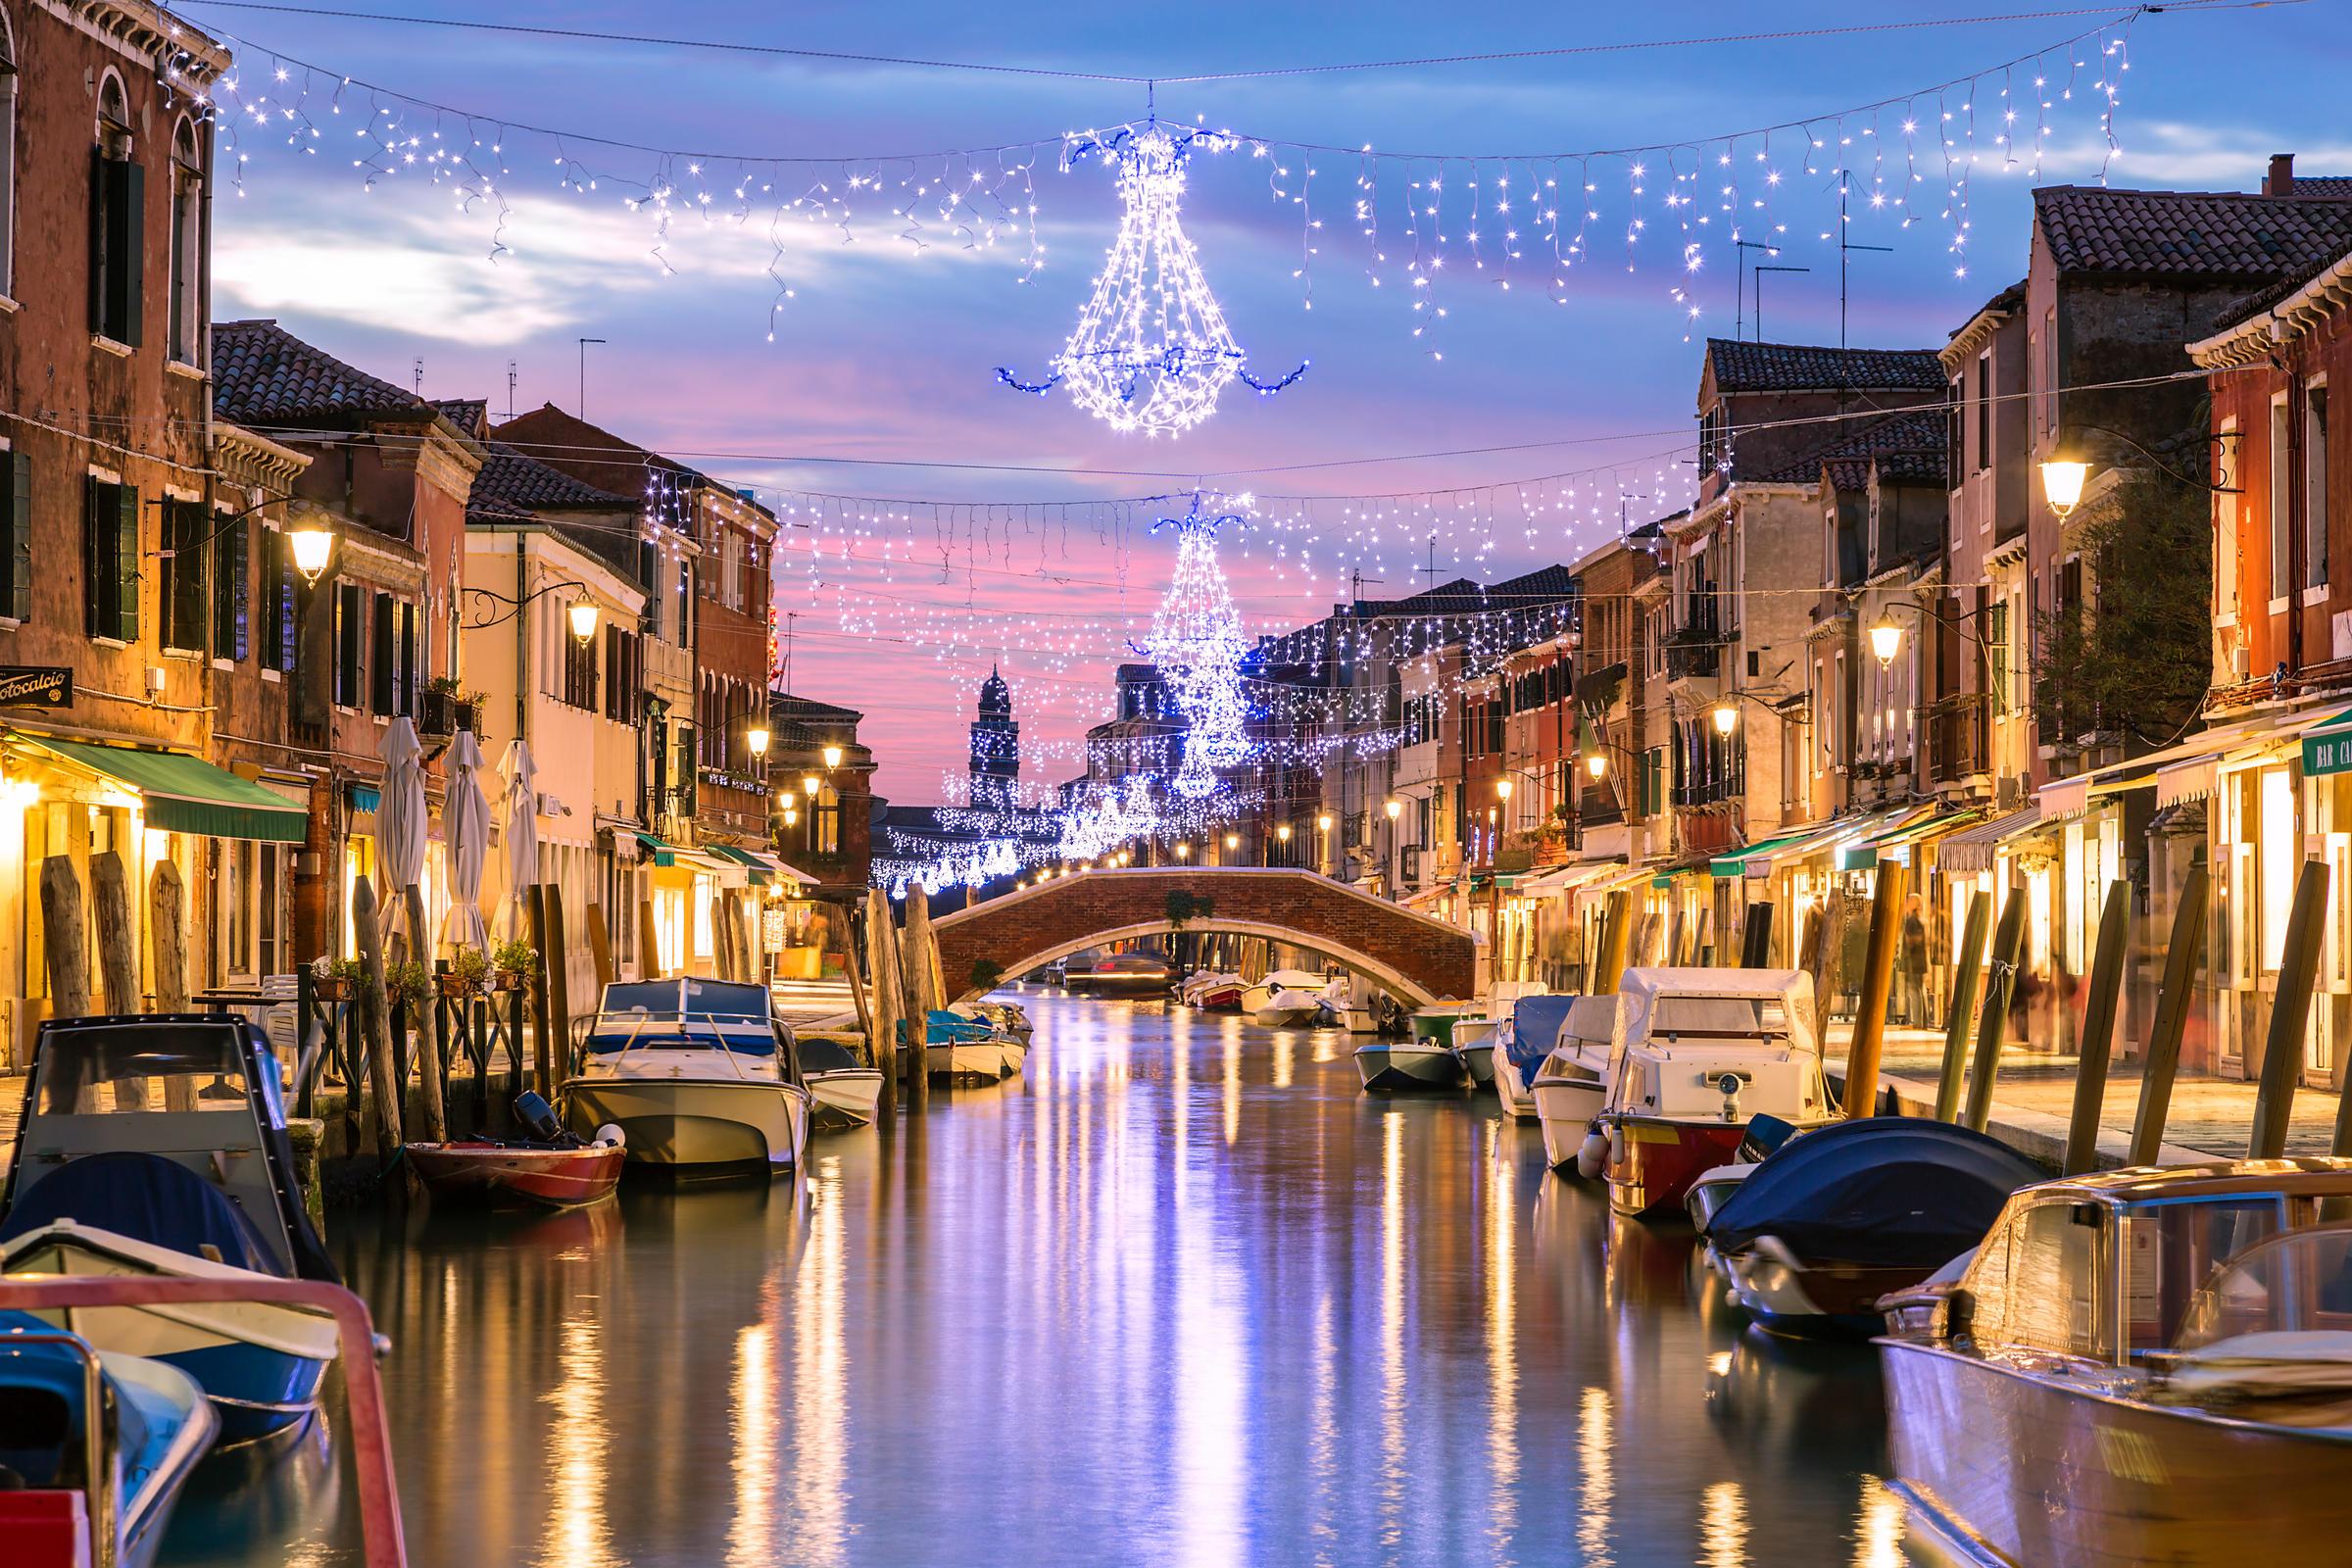 Новый Год в Венеции. Вид на каналы с новогодней иллюминацией